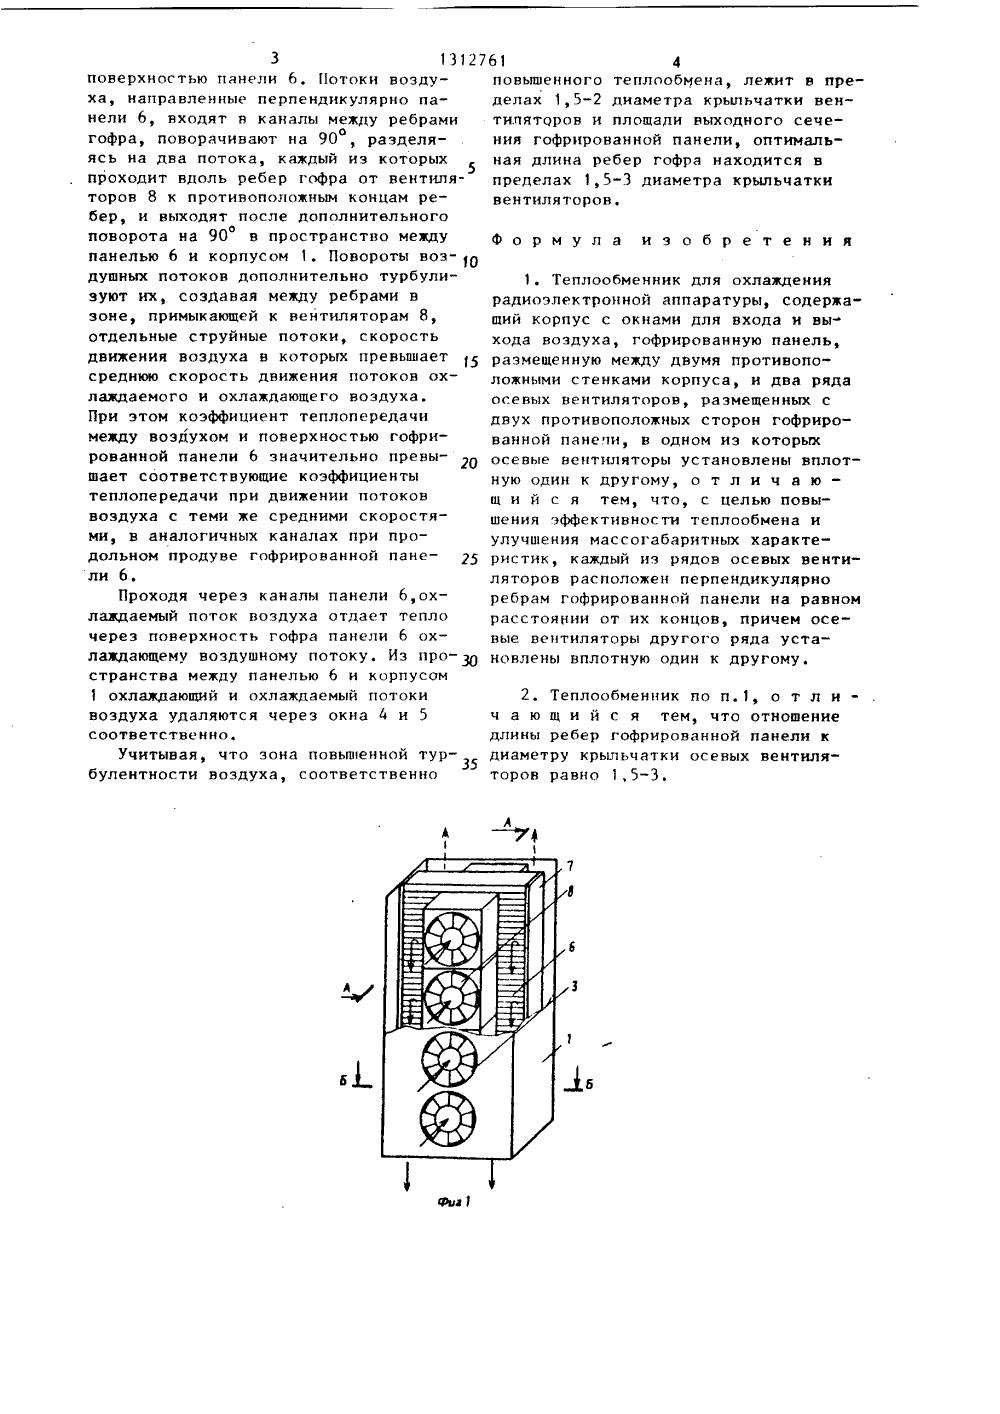 Расчет воздушного теплообменника рэа схема подключения теплообменника для бассейна от солнца